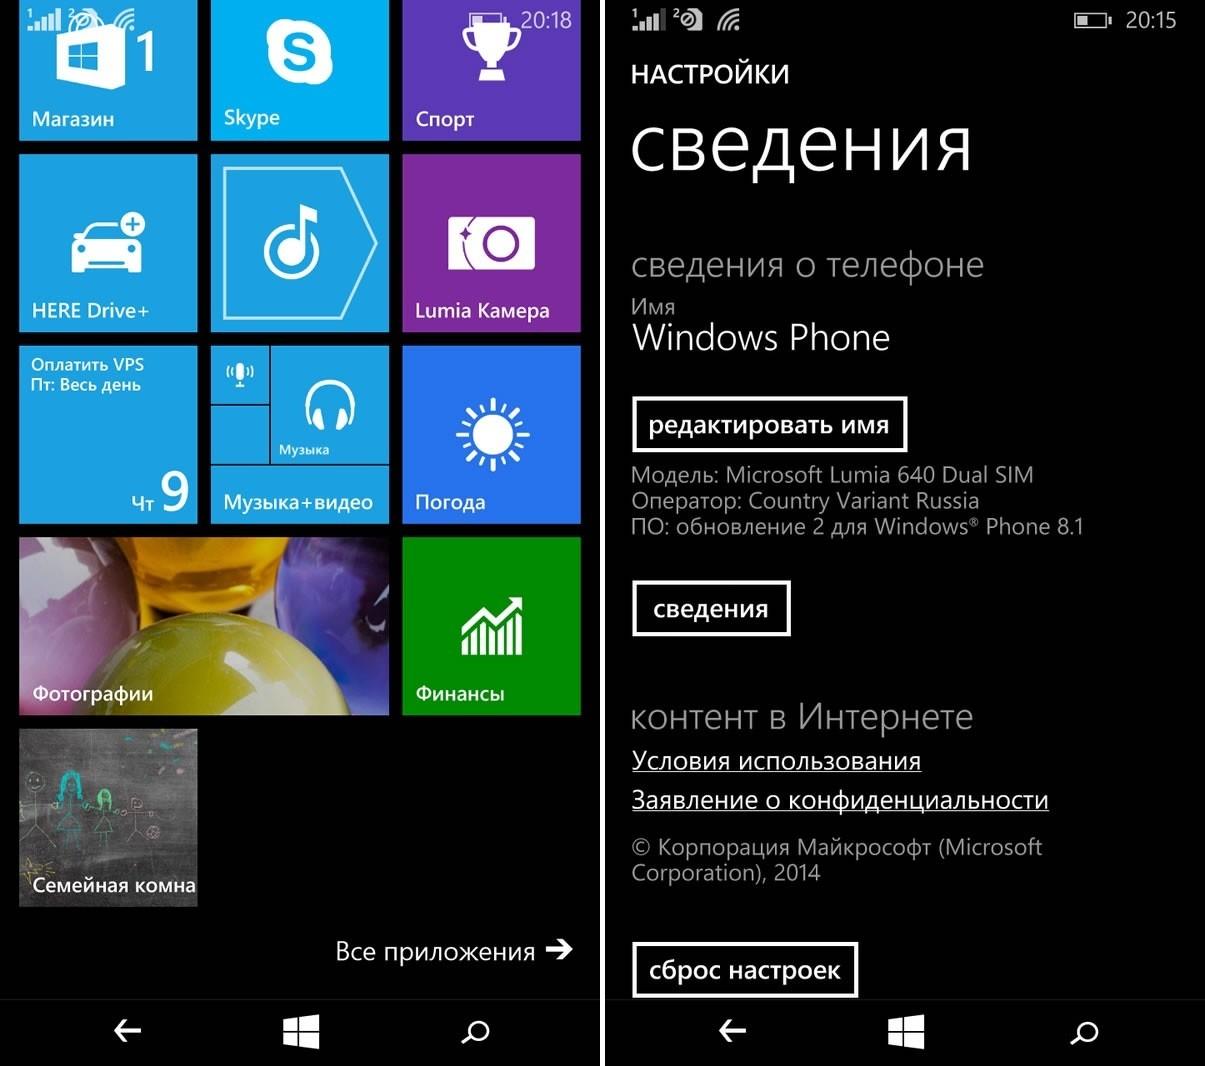 windows phone вернуть - Программы